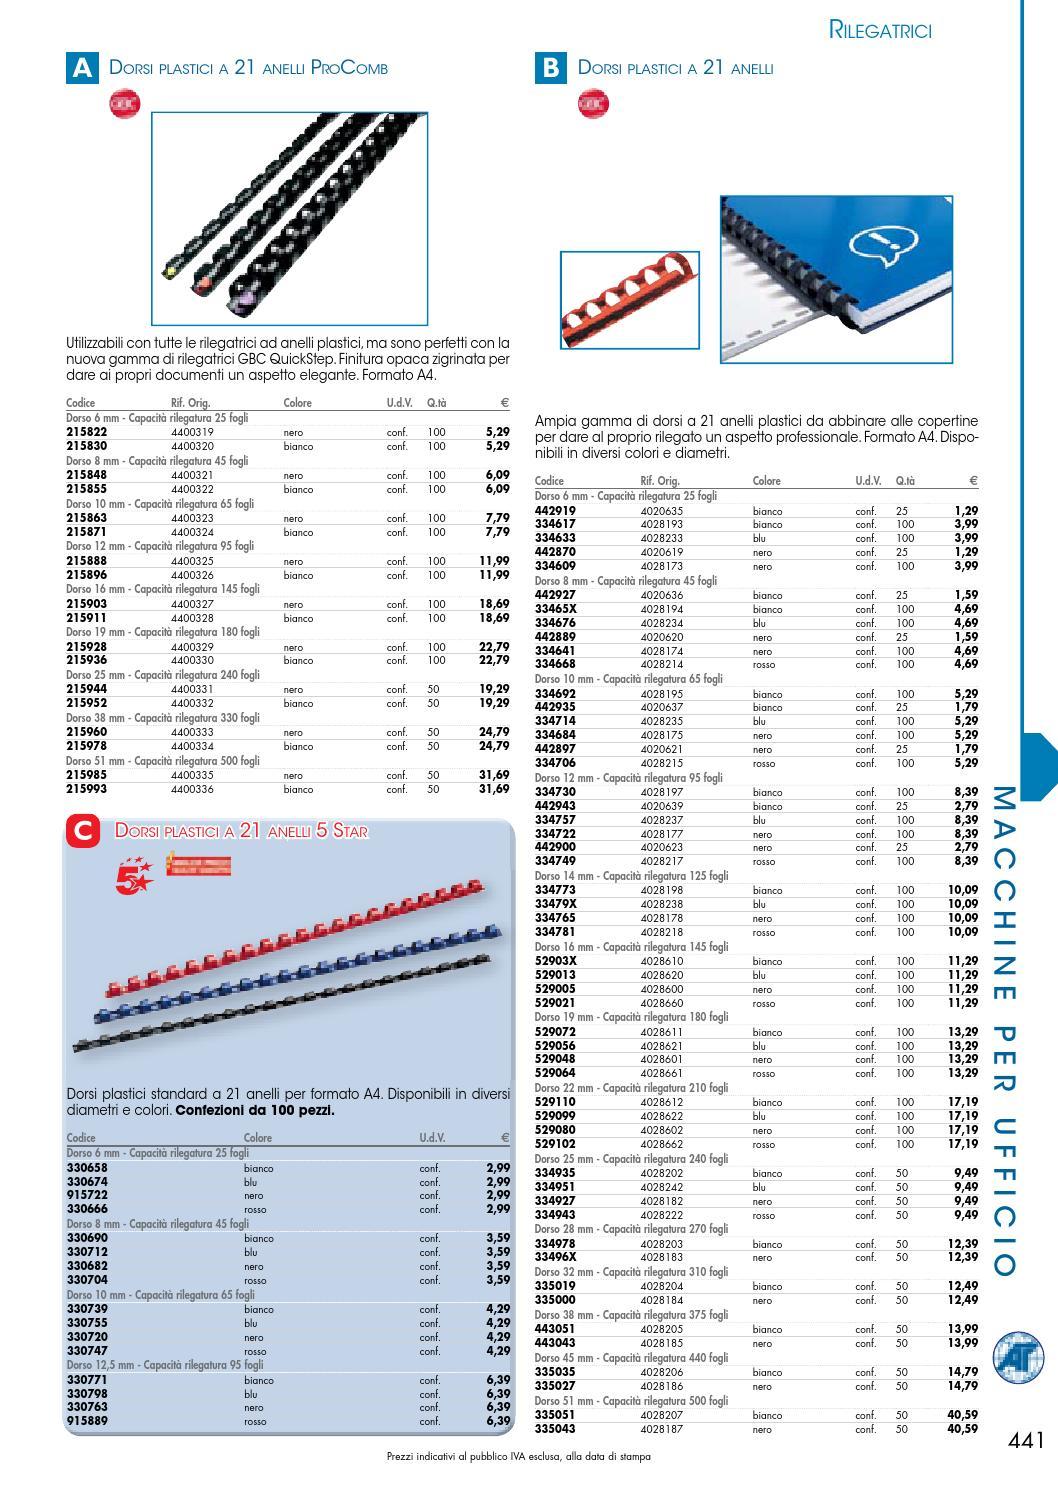 5 Star 330682 Dorso Plastico per Rilegatura da 8 mm Nero